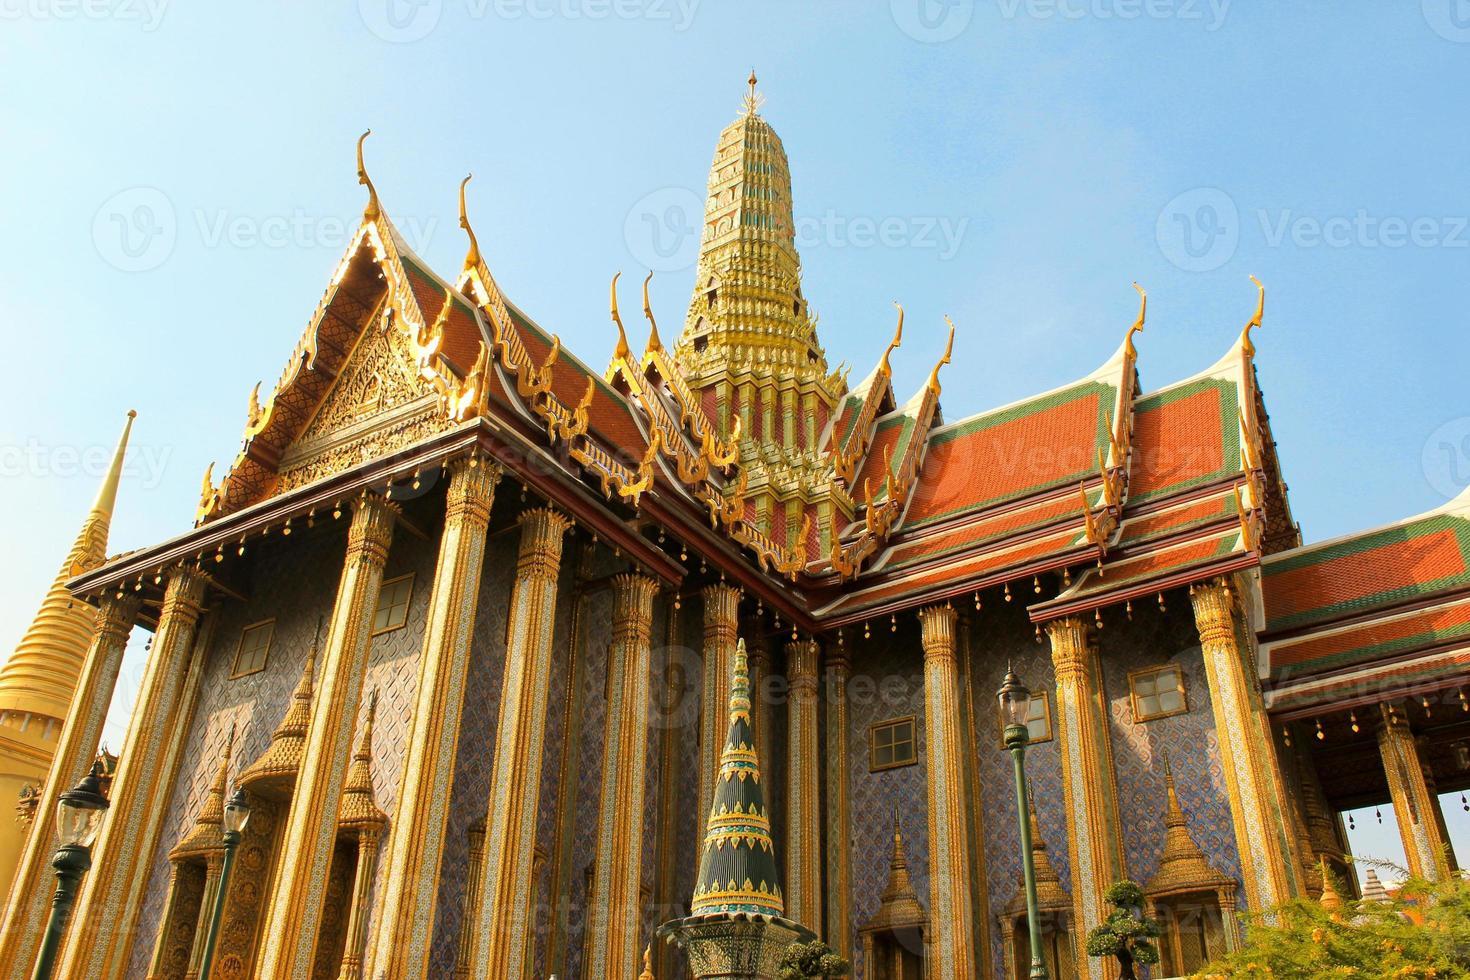 der berühmte große palast in bangkok thailand foto